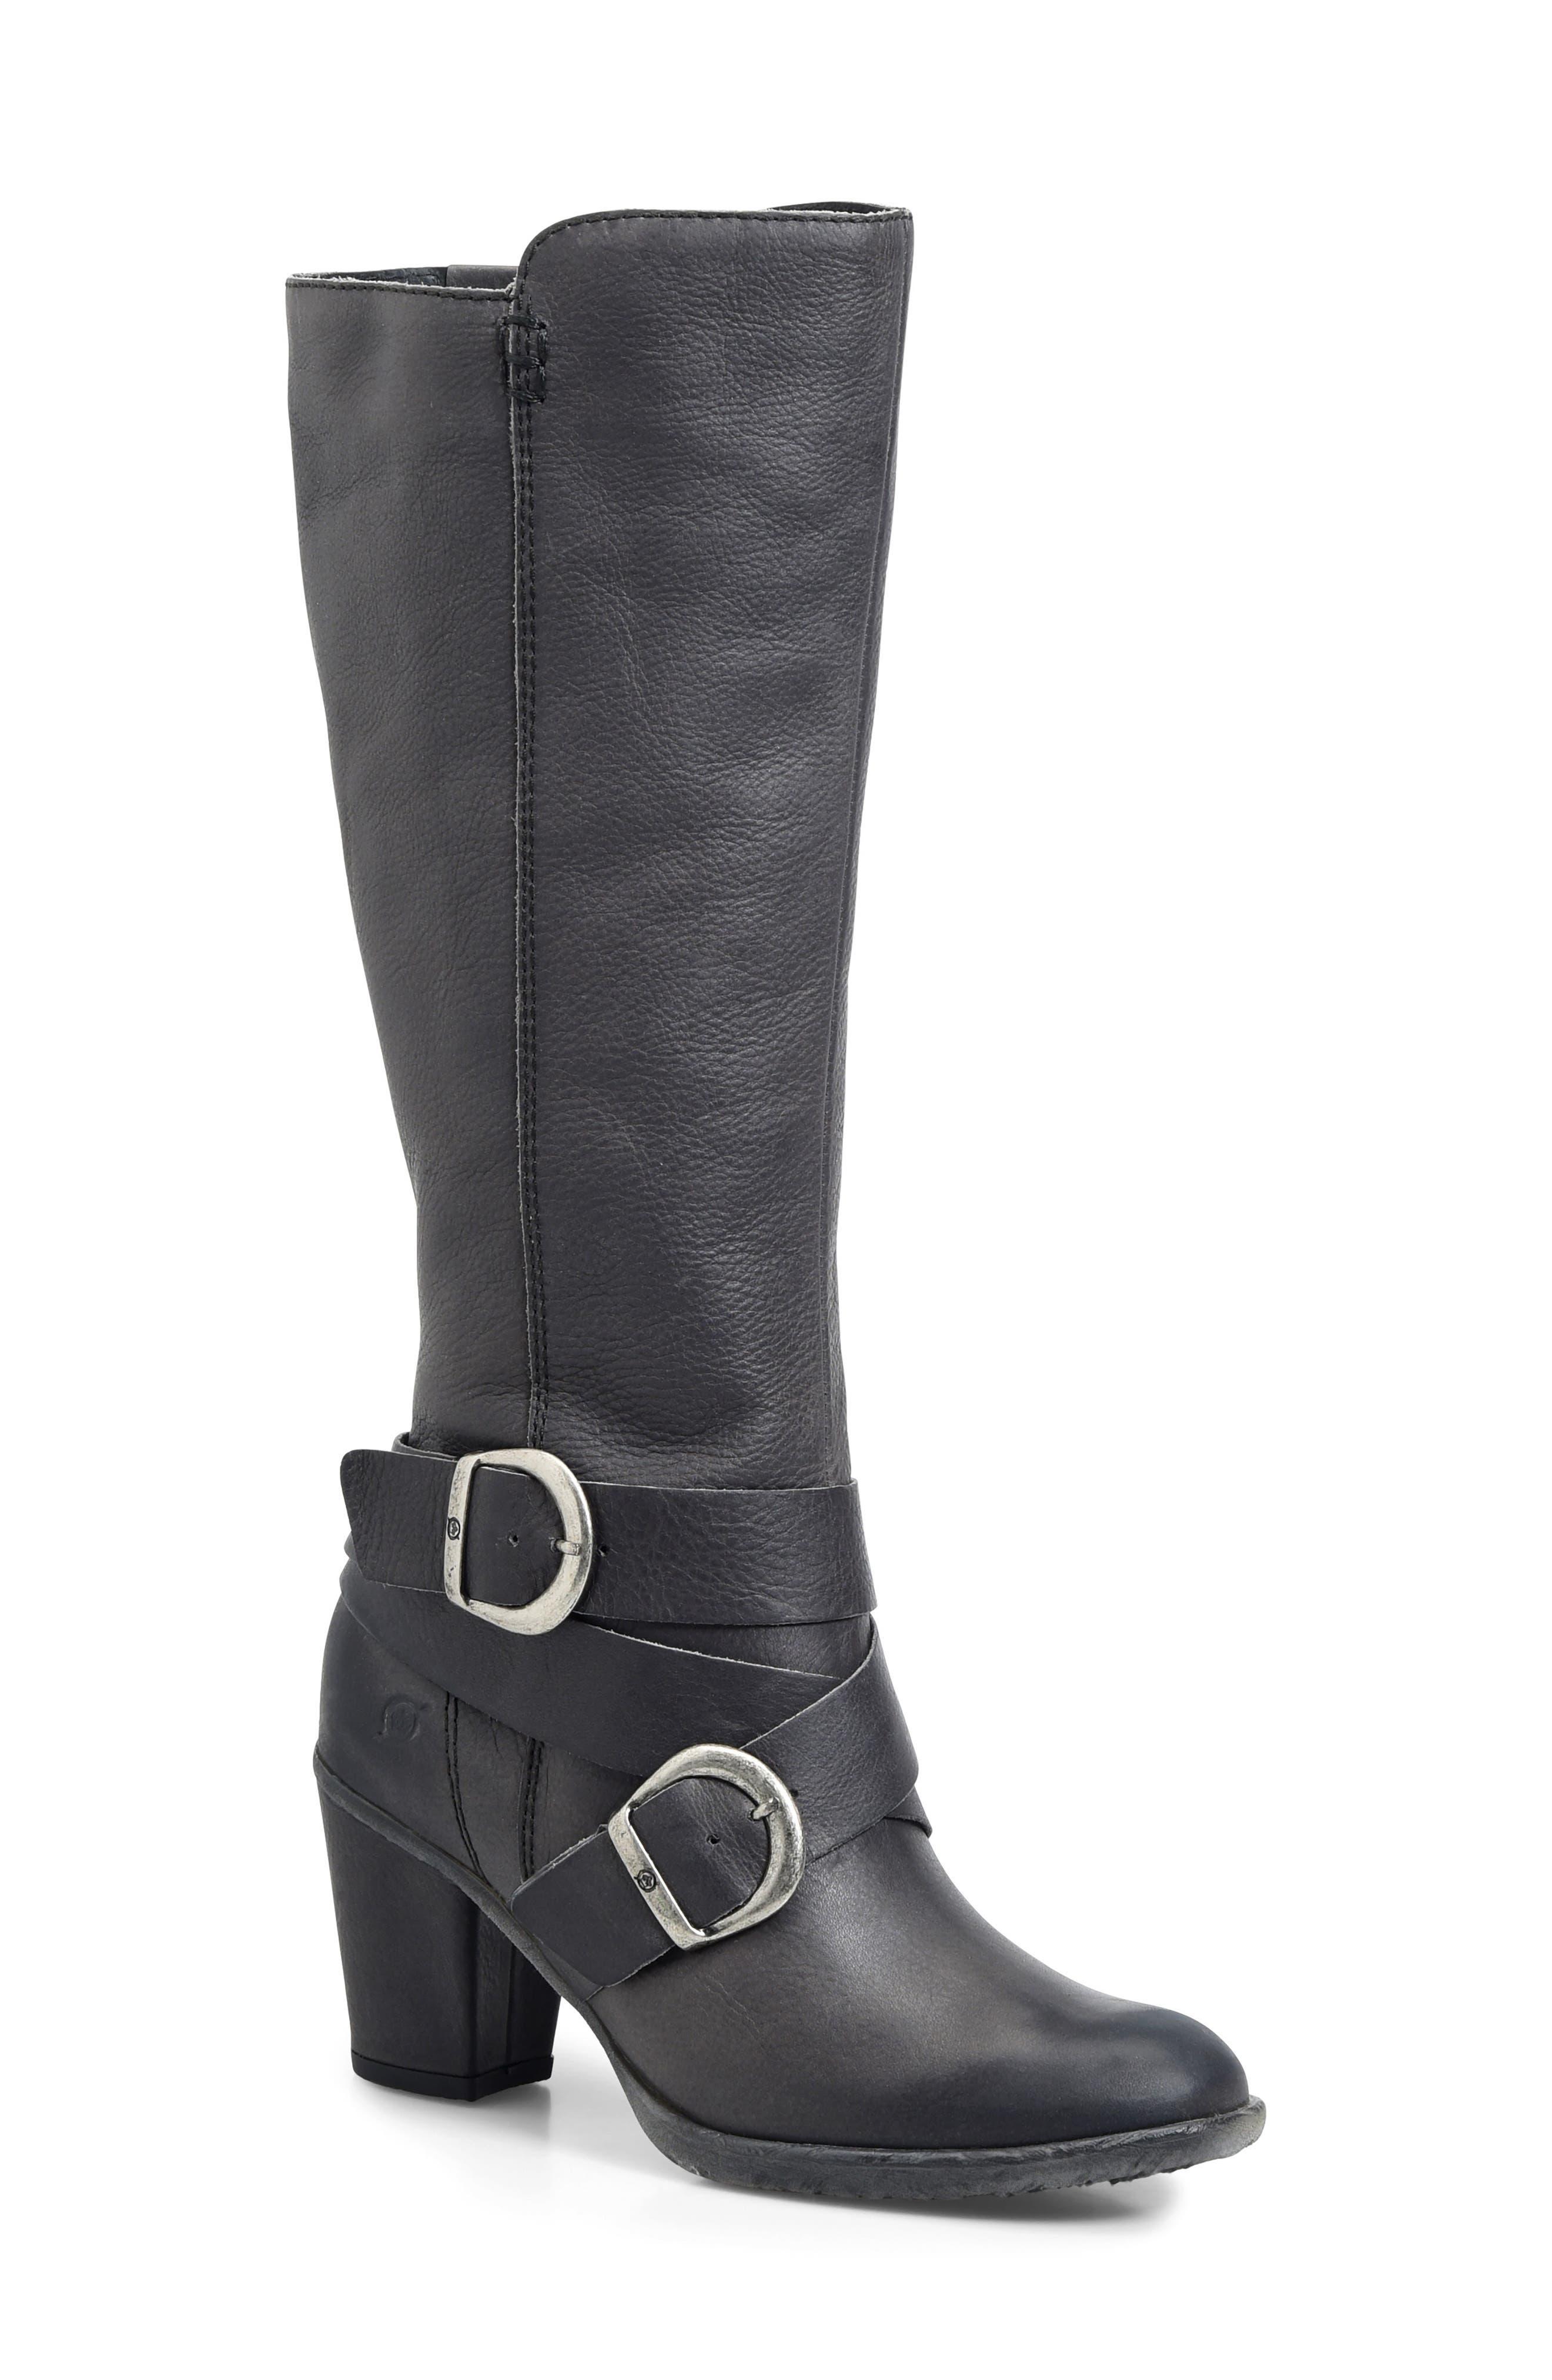 Børn Cresent Knee High Boot (Women)